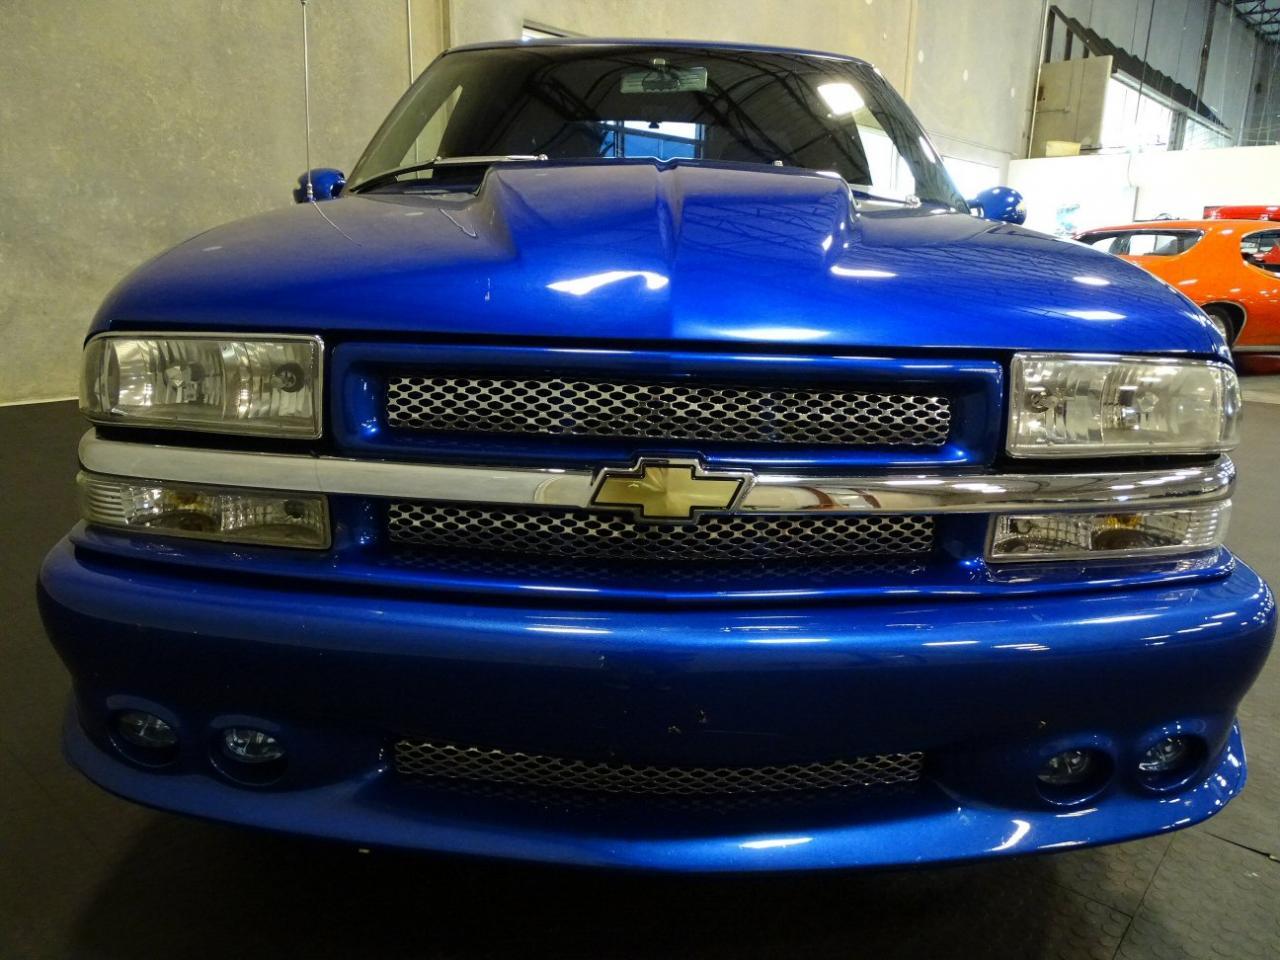 2001 Chevrolet S10 56